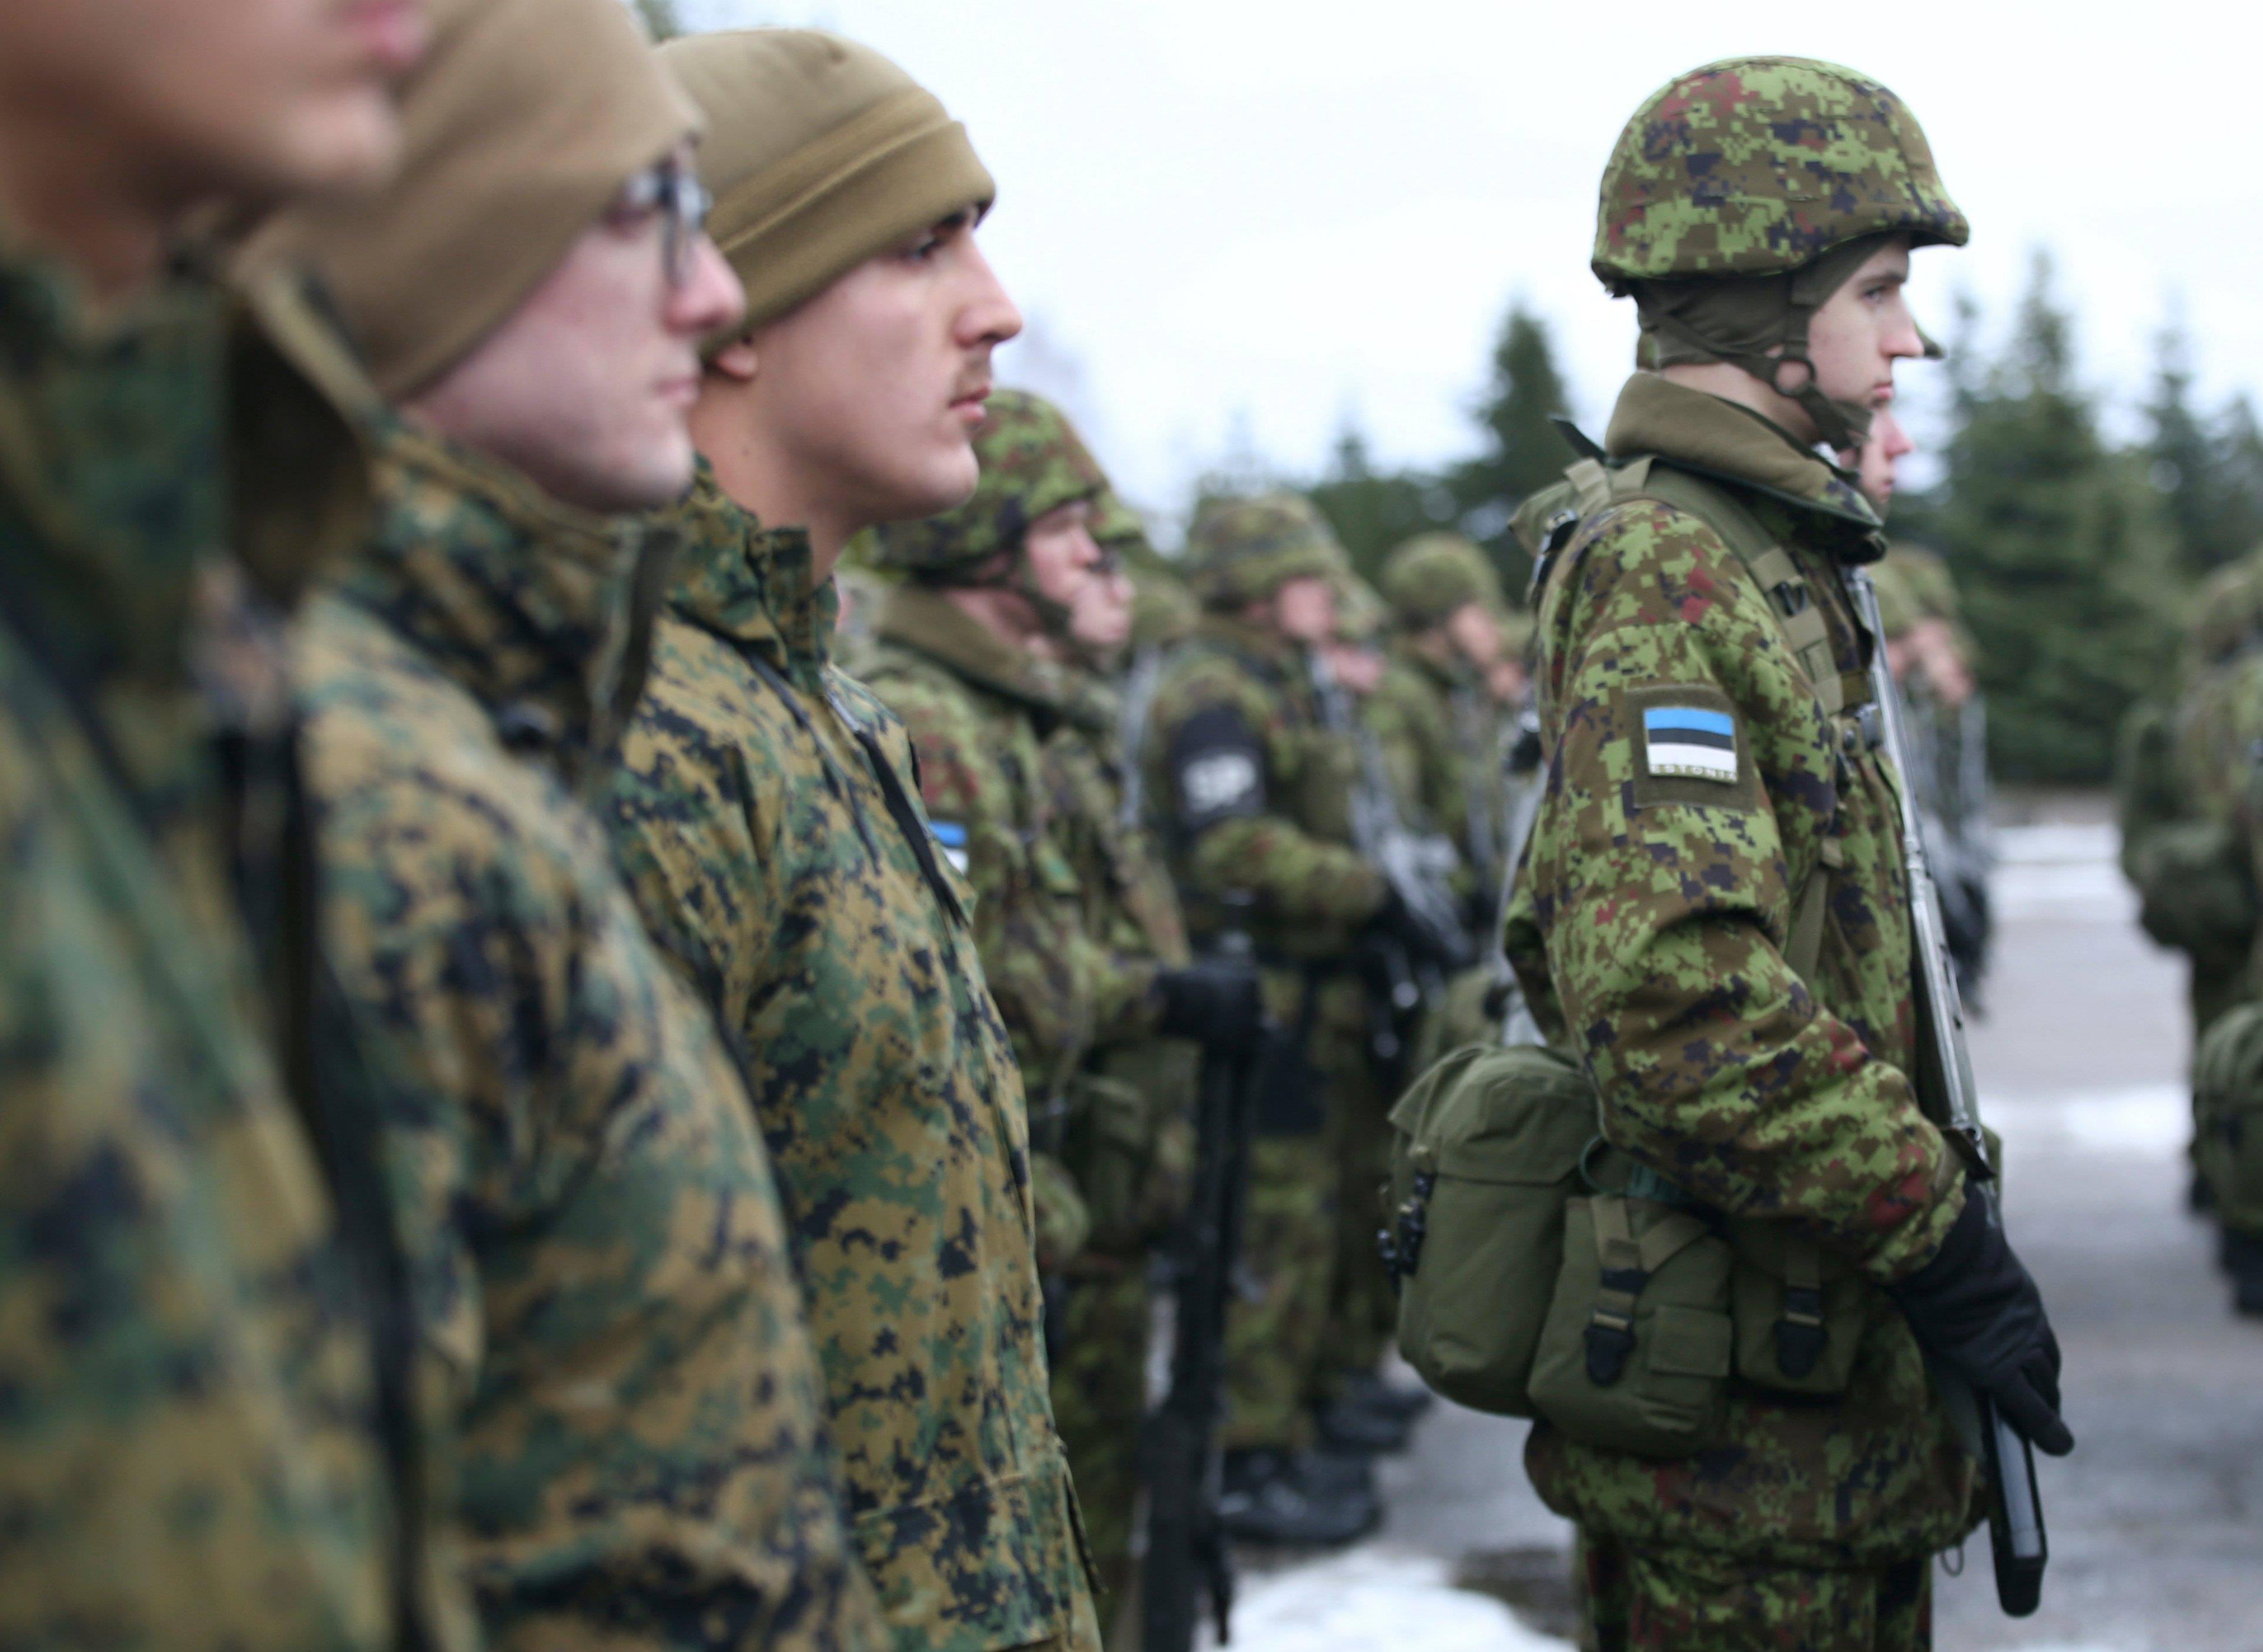 视俄罗斯为仇敌,自掏腰包要美军全面入驻,波罗的海三国反俄到底